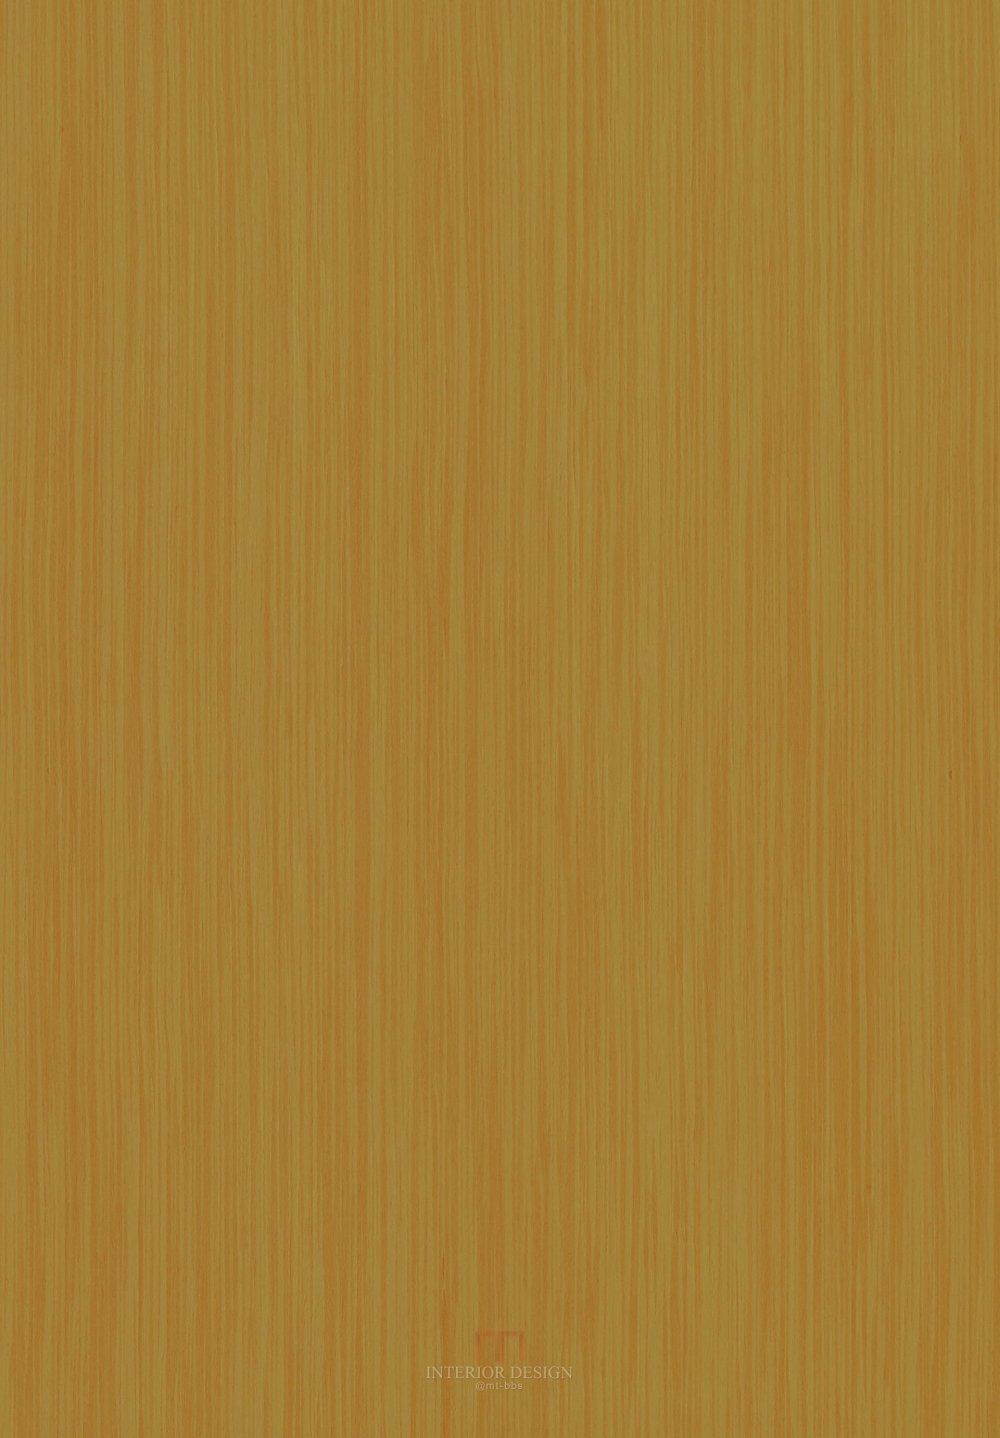 人造木纹_K6217_F0603.jpg